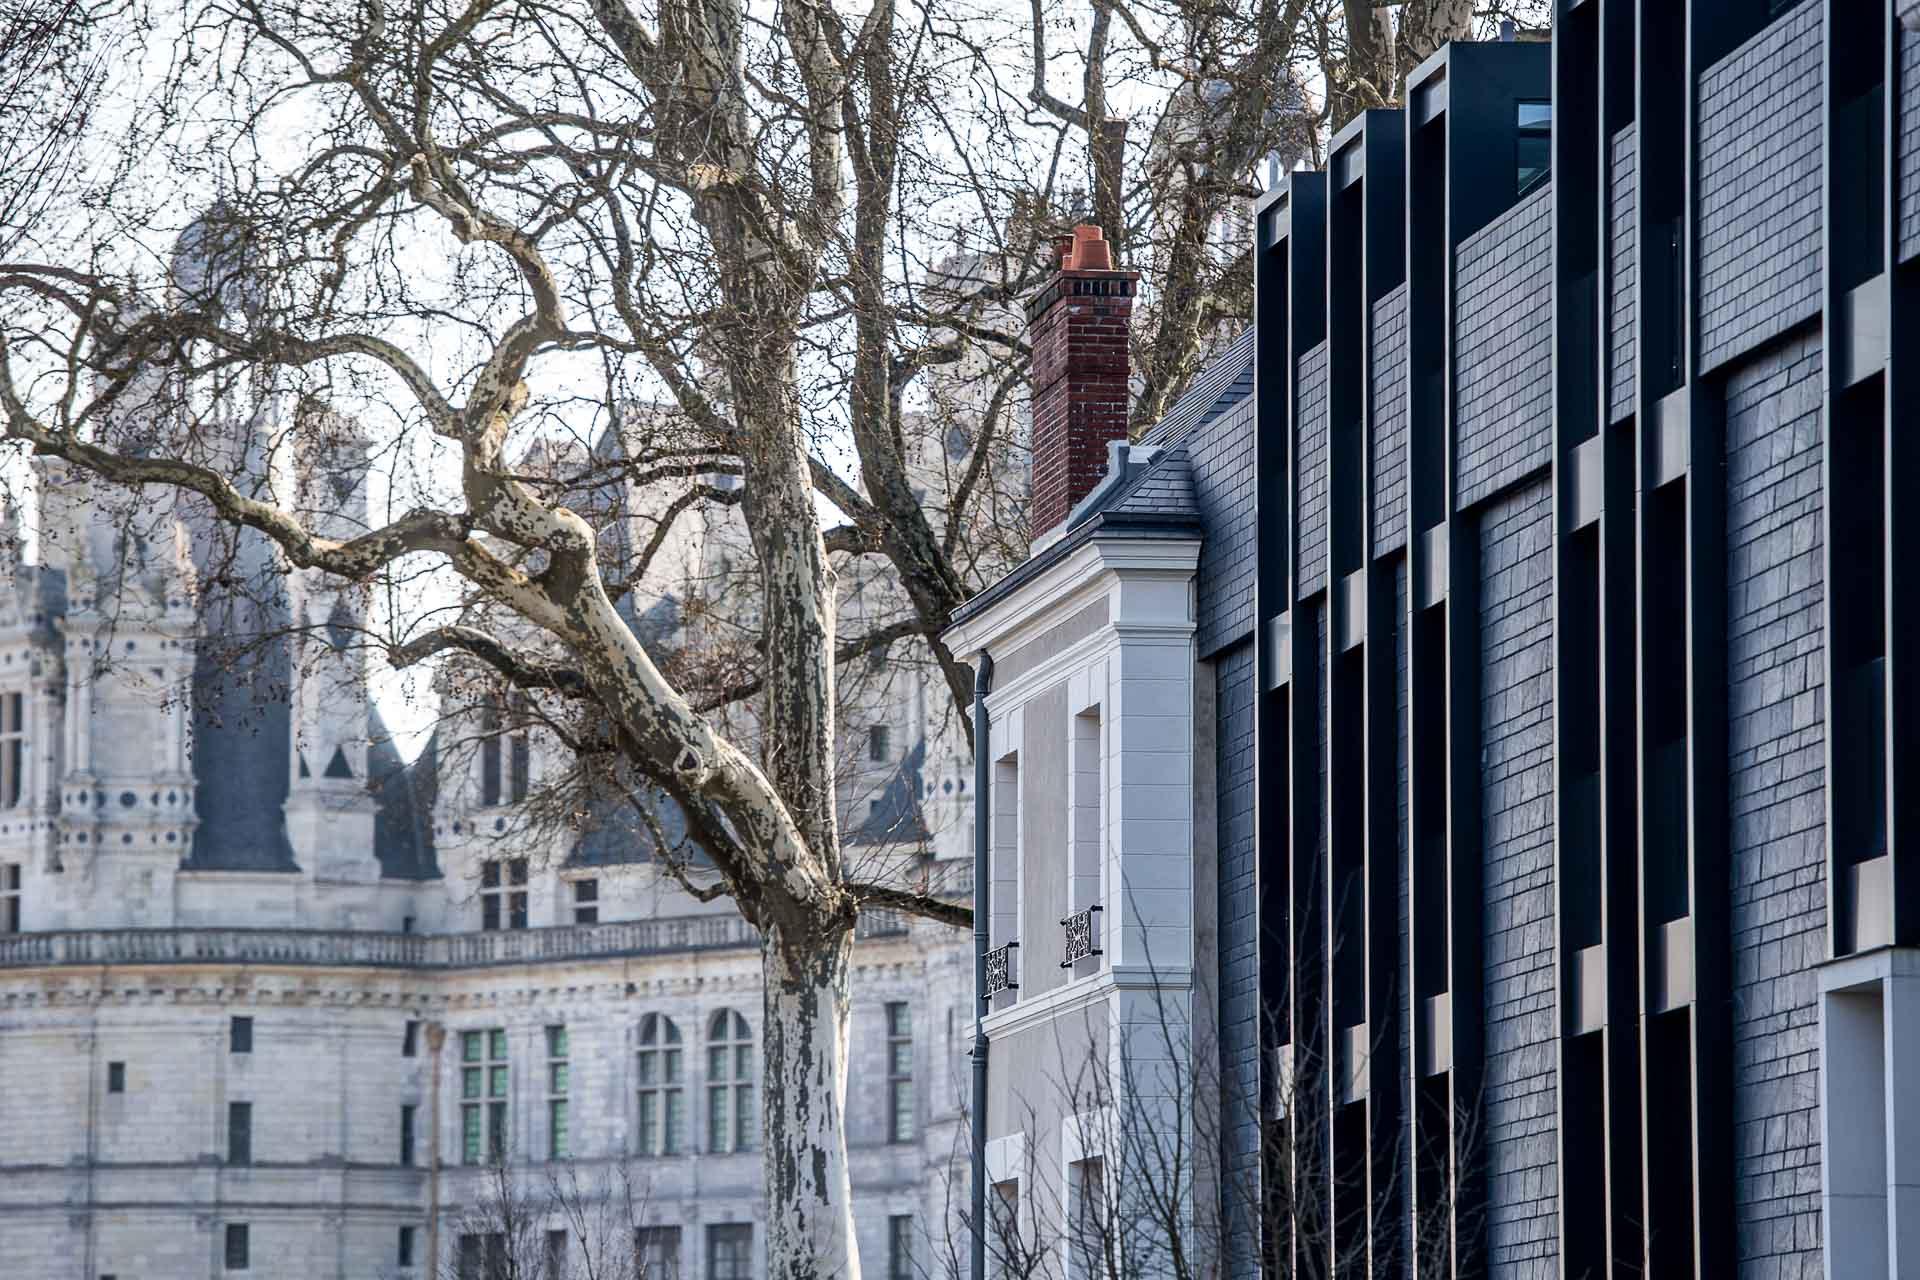 Depuis la mi-mars, l'ancien Hôtel Saint Michel, face au Château de Chambord, a laissé sa place au Relais de Chambord, un hôtel 4-étoiles dont l'architecture est signée Jean-Michel Wilmotte. Visite guidée.